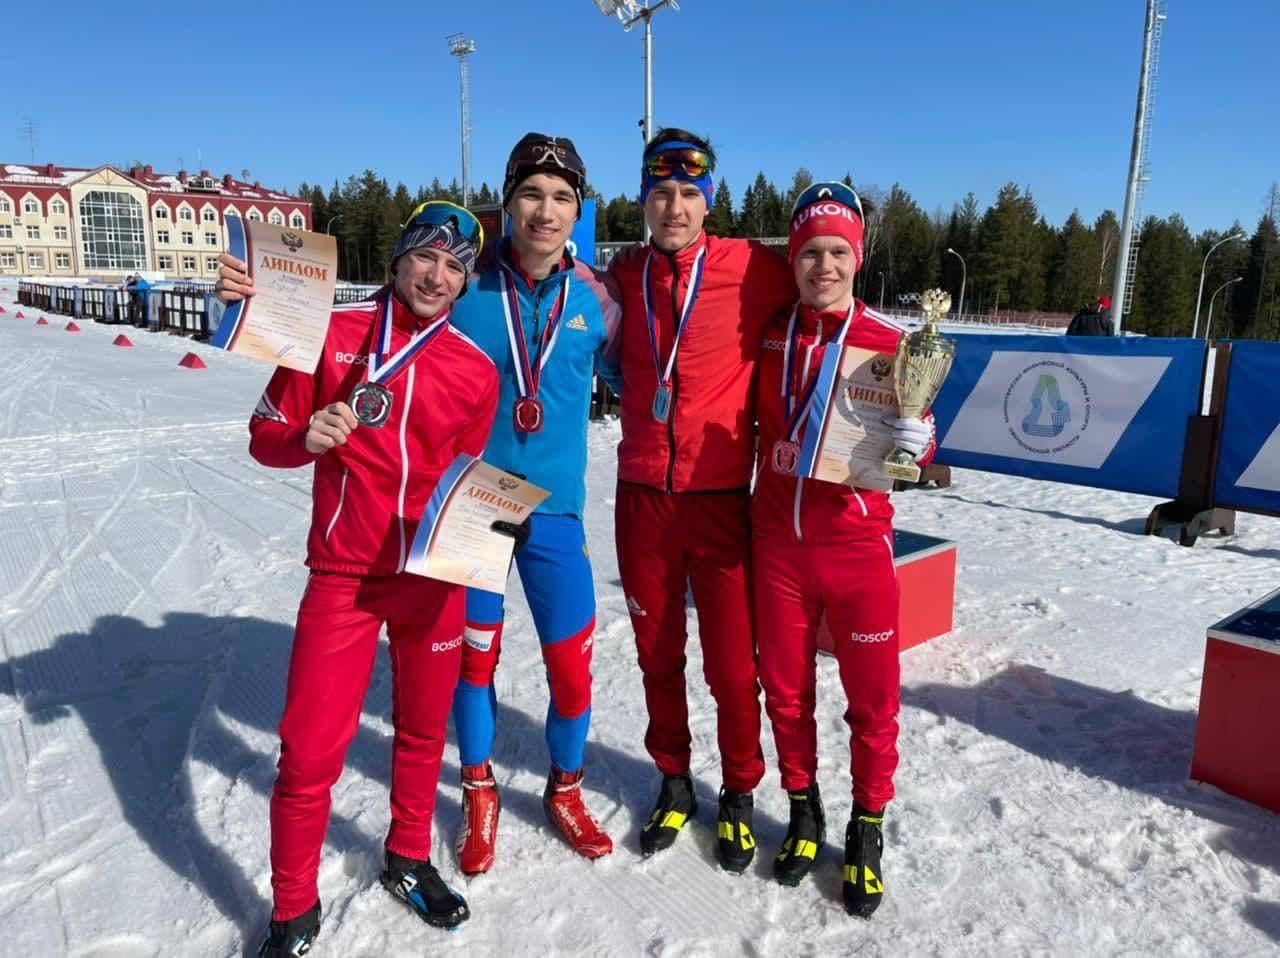 Подмосковные спортсмены завоевали 8 медалей на чемпионате России по лыжному двоеборью